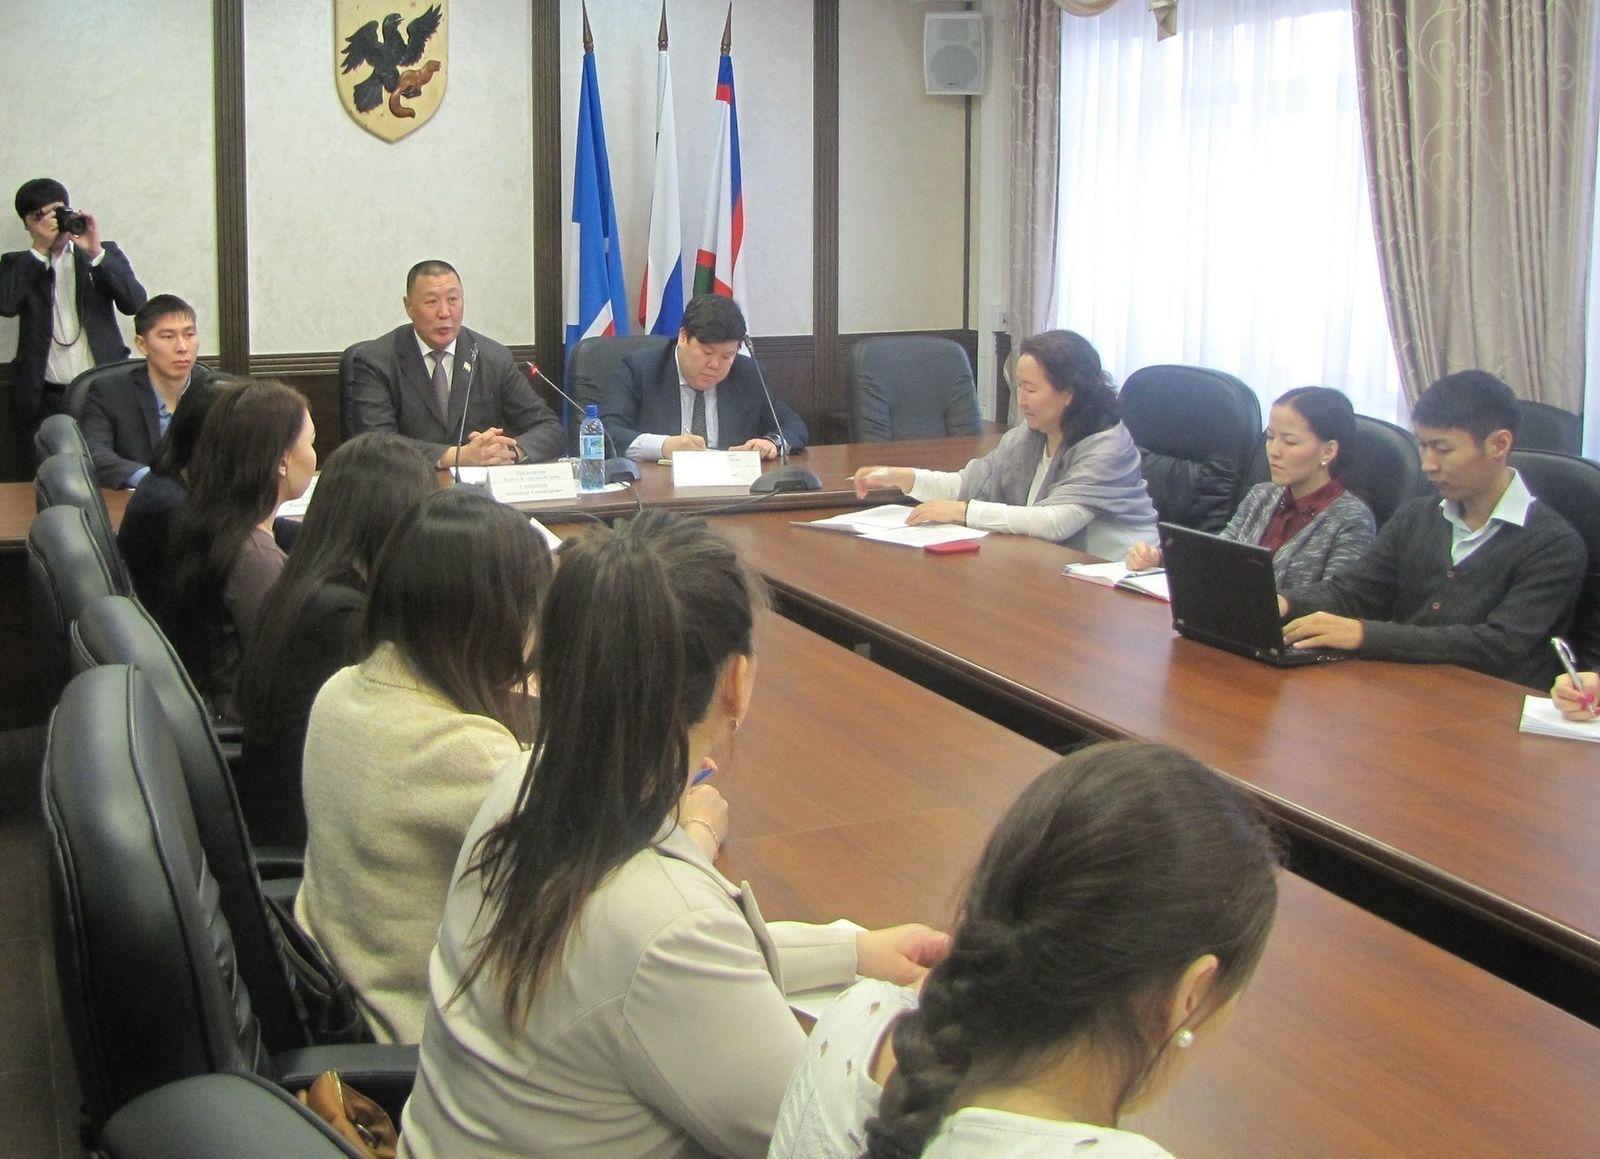 Александр Саввинов встретился со студентами СВФУ